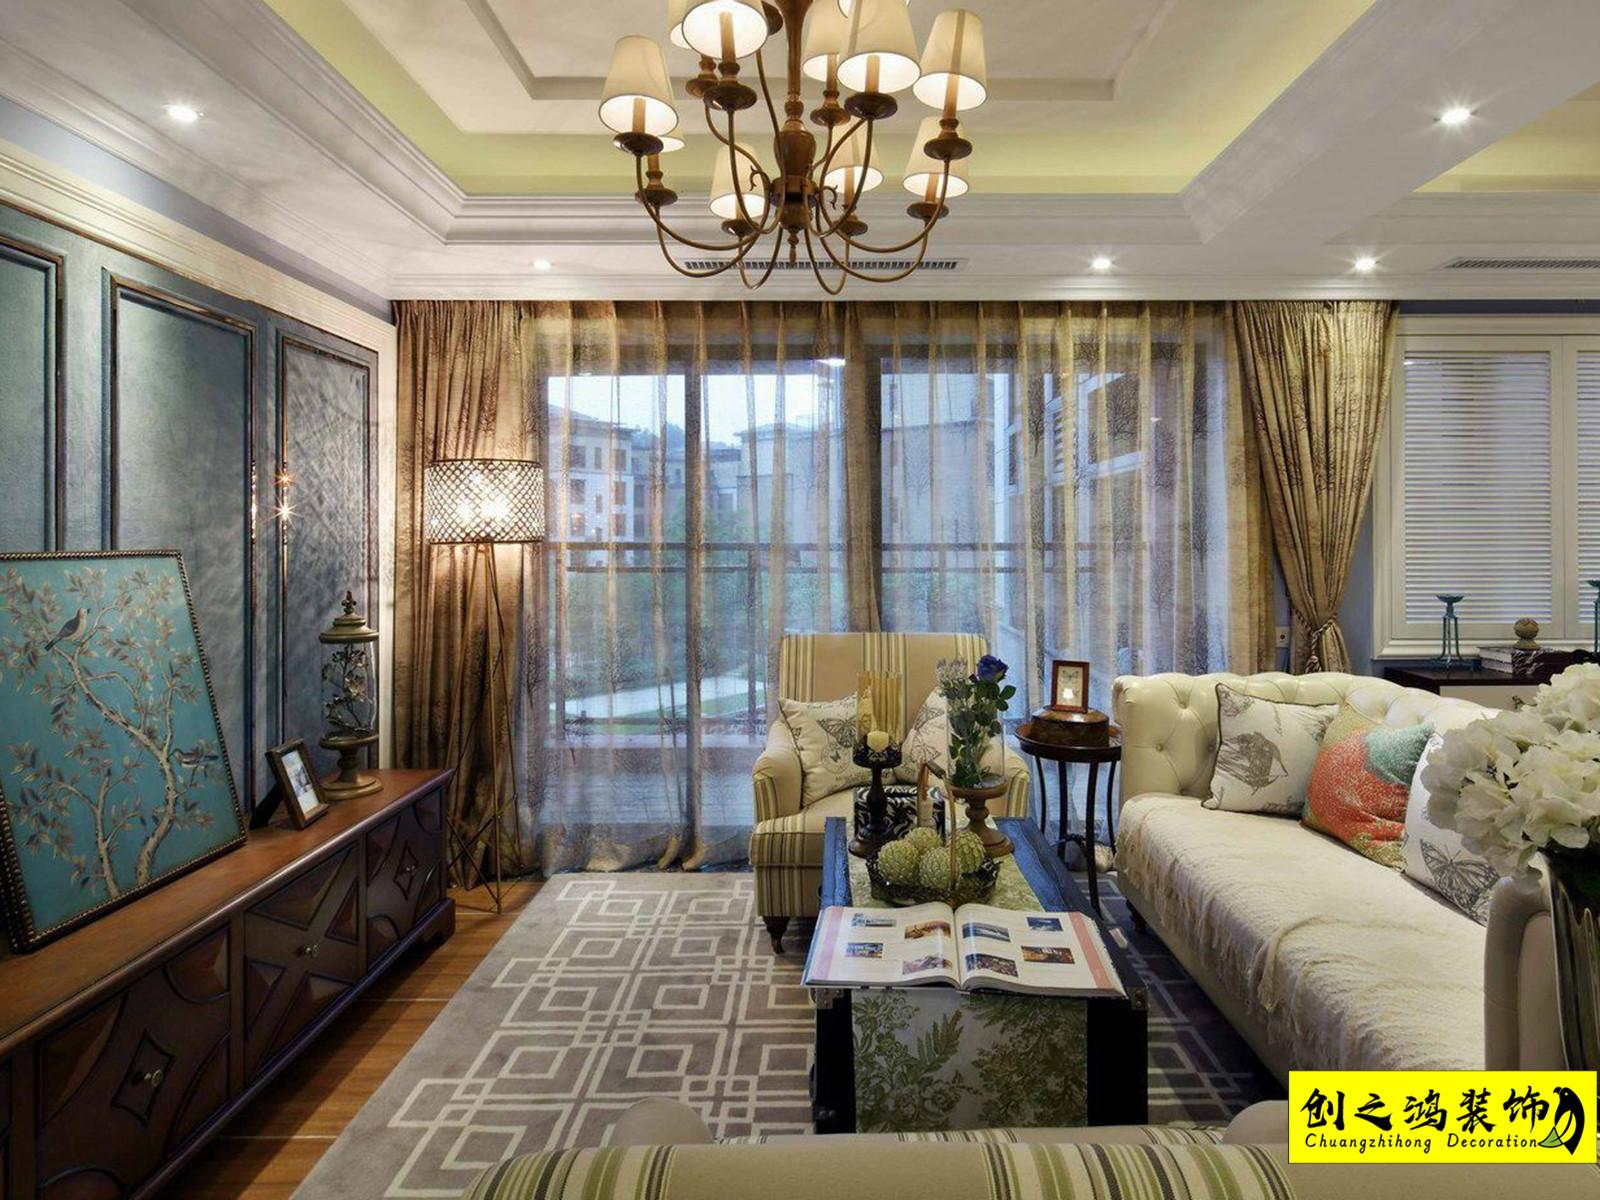 135㎡格调绮园三室两厅美式装修风格效果图